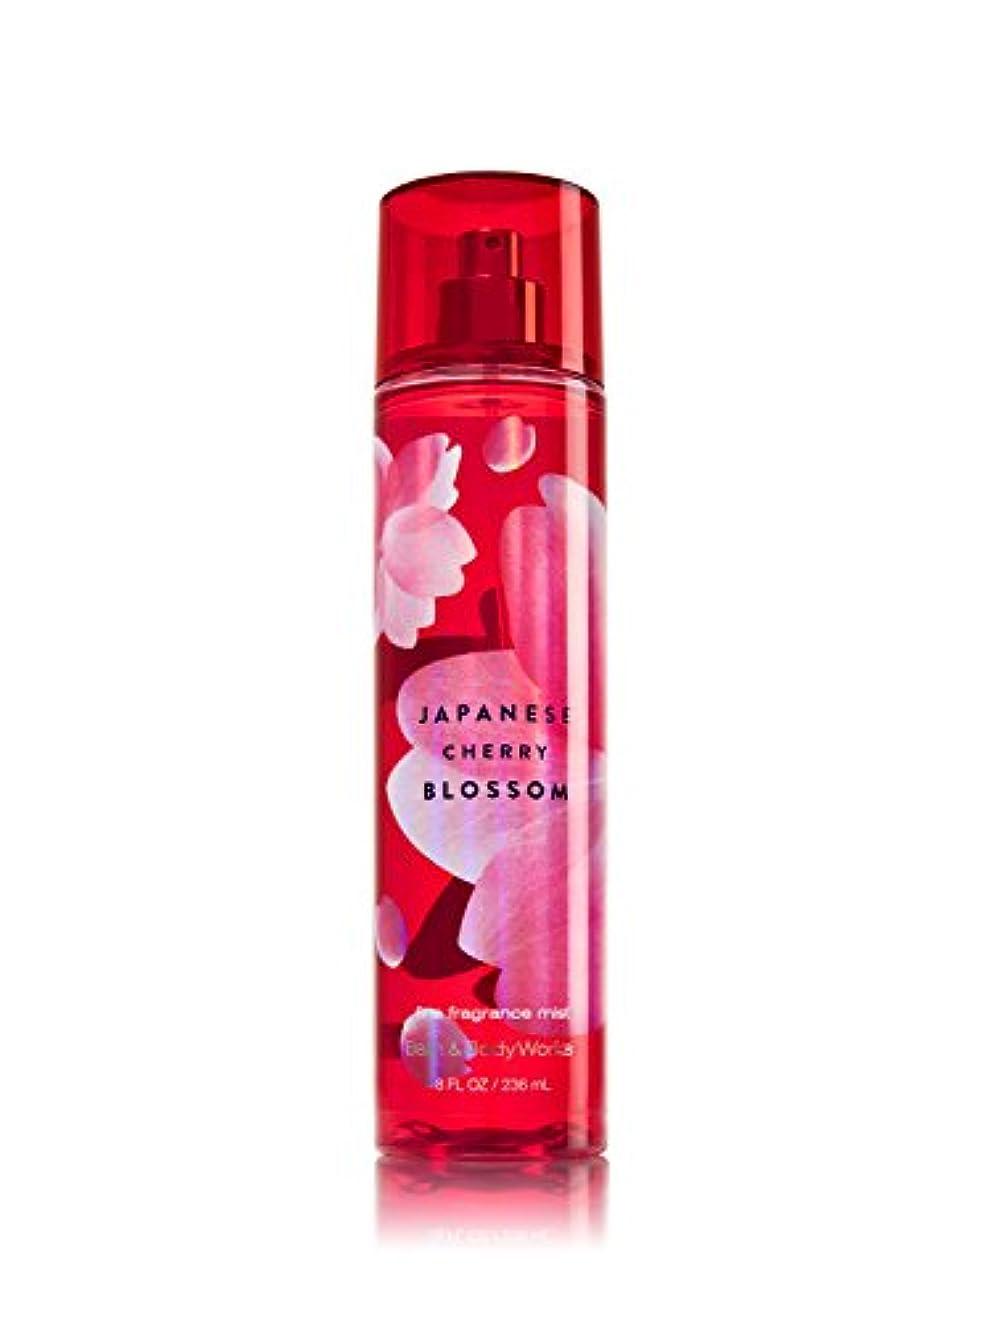 表示アルファベット乗り出すバス&ボディワークス ジャパニーズチェリーブロッサム ファイン フレグランスミスト Japanese Cherry Blossom Fine Fragrance Mist [並行輸入品]